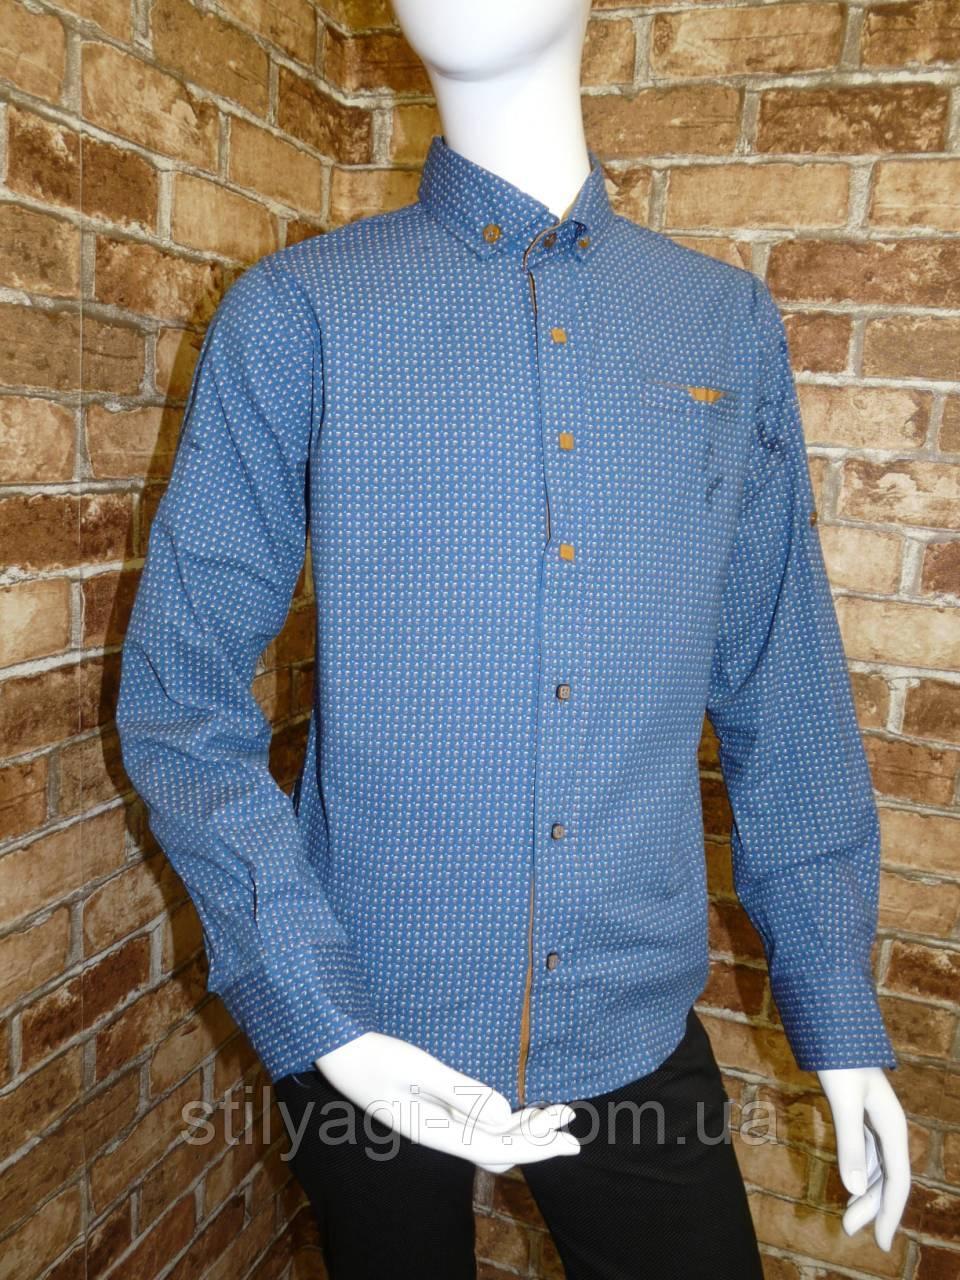 Рубашка на мальчика 6-11 лет синего цвета с окантовкой с длинным рукавом оптом